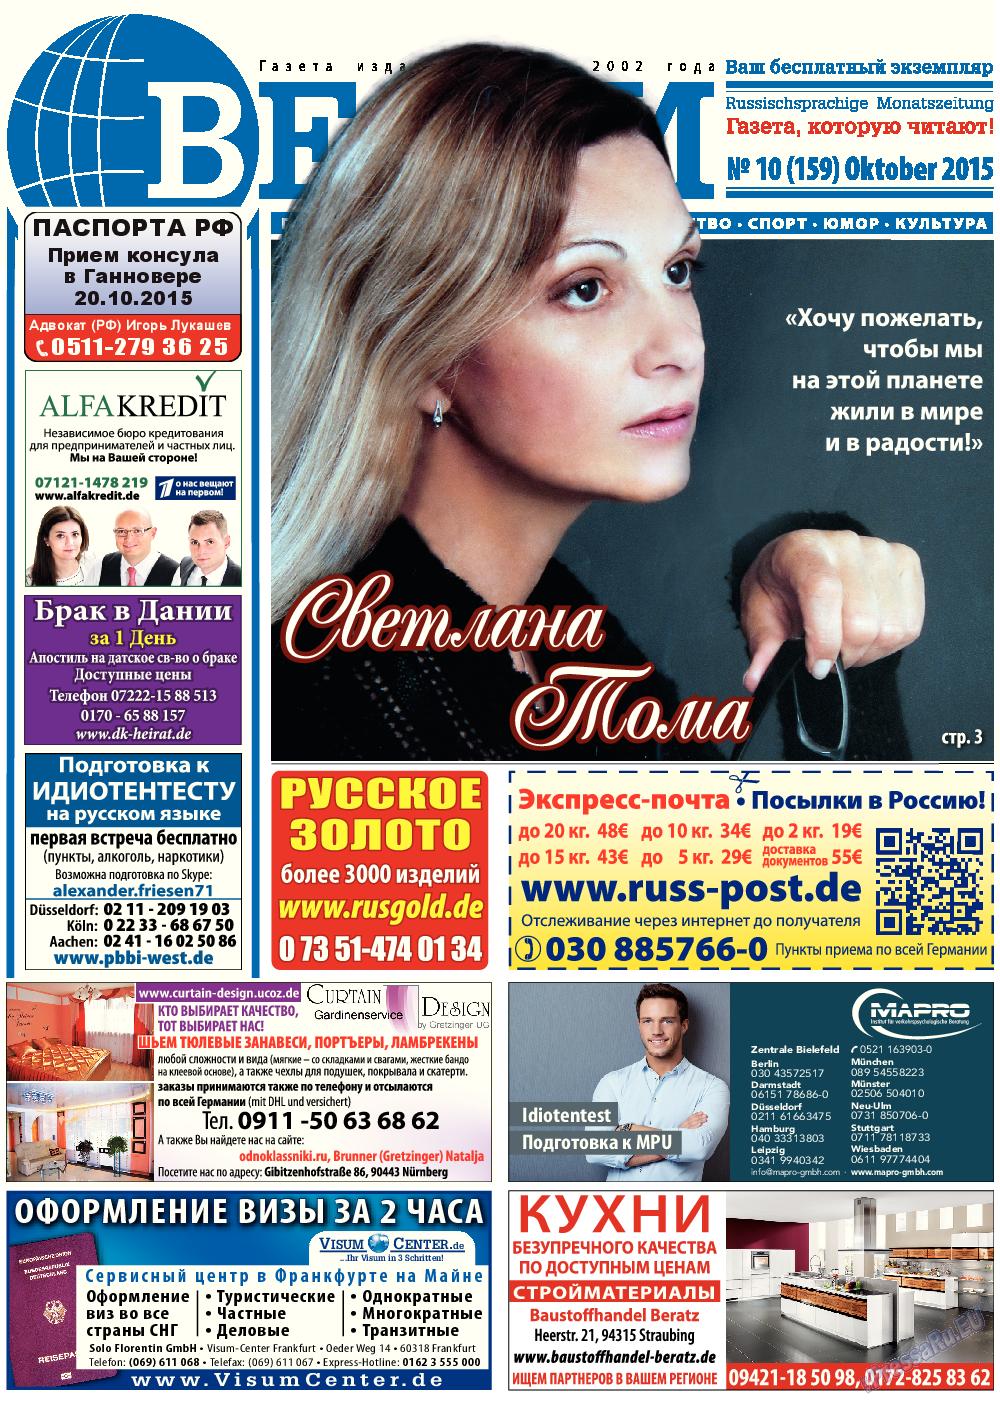 Вести (газета). 2015 год, номер 10, стр. 1